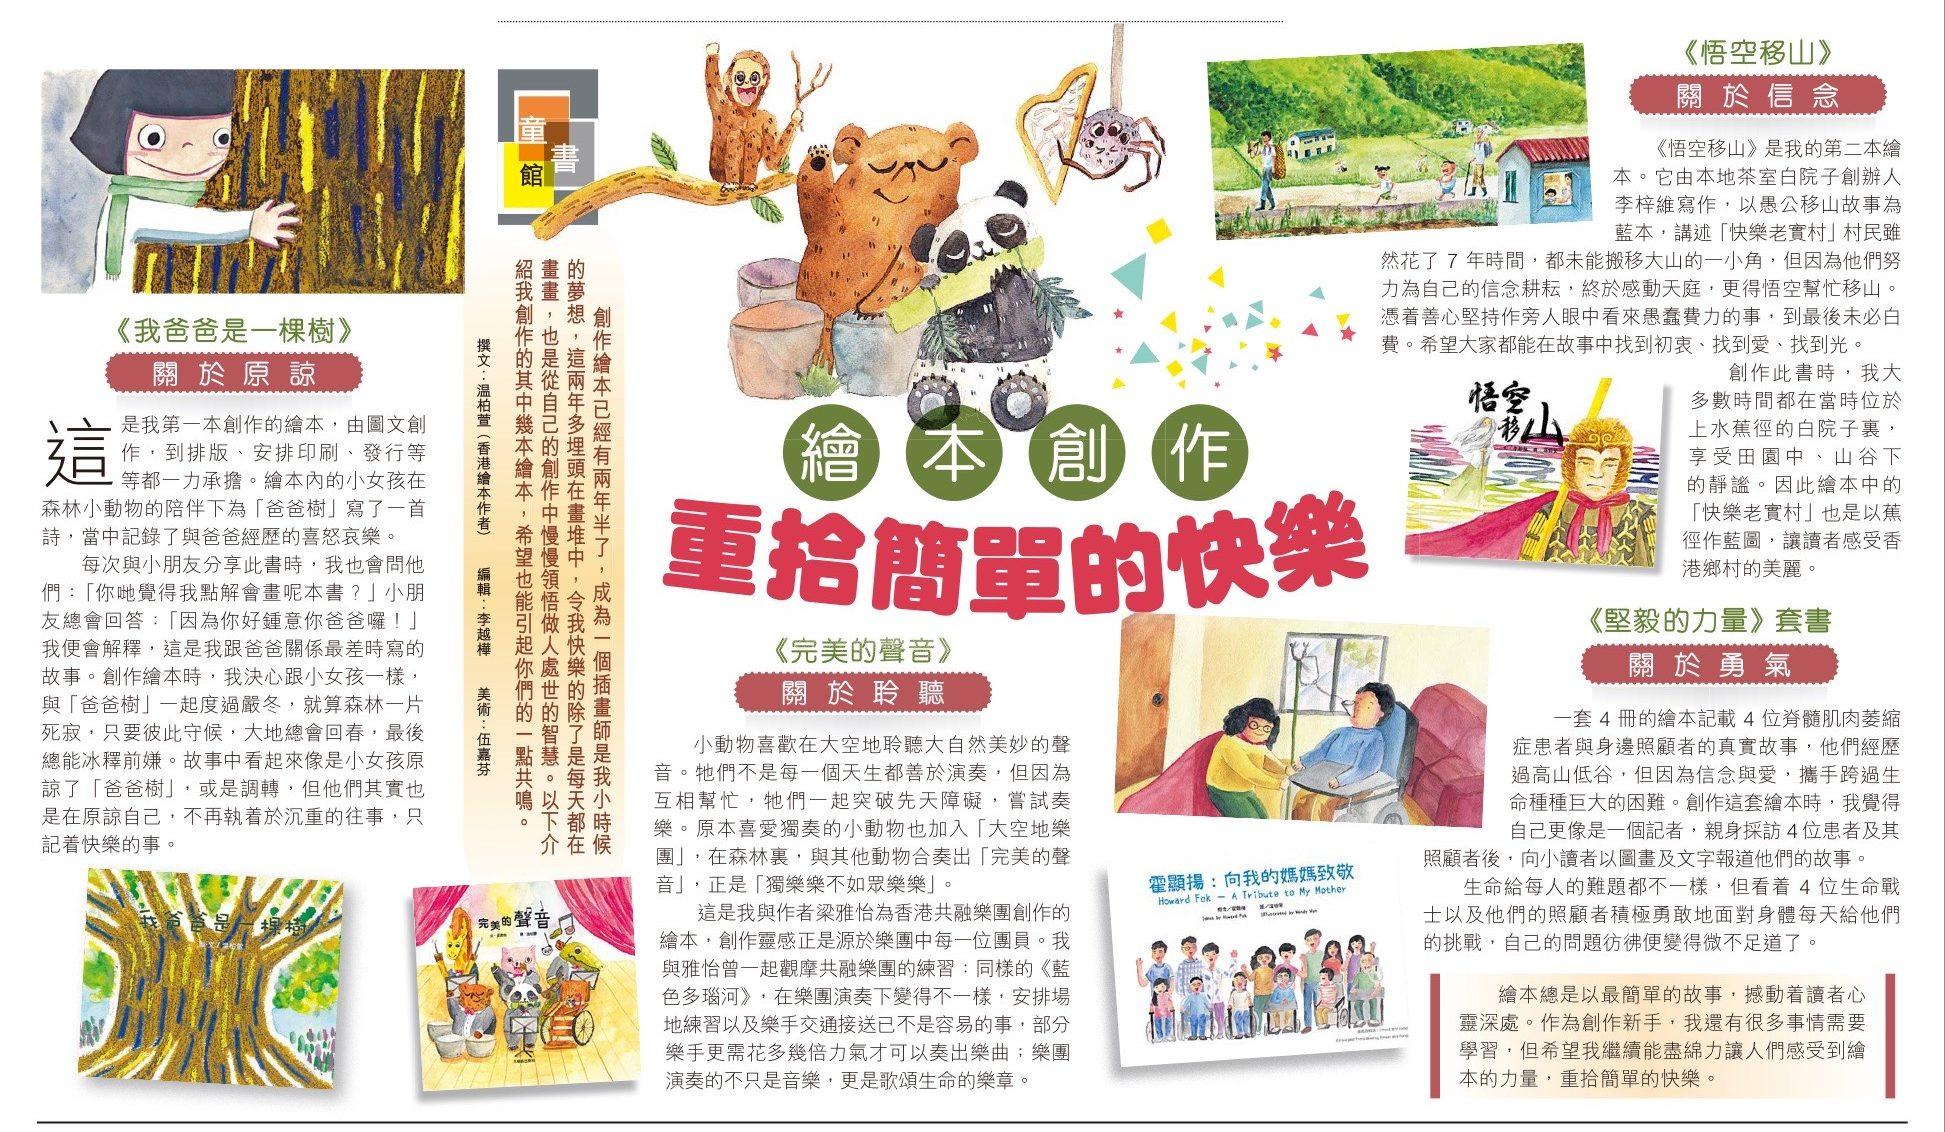 經濟日報:繪本創作重拾快樂